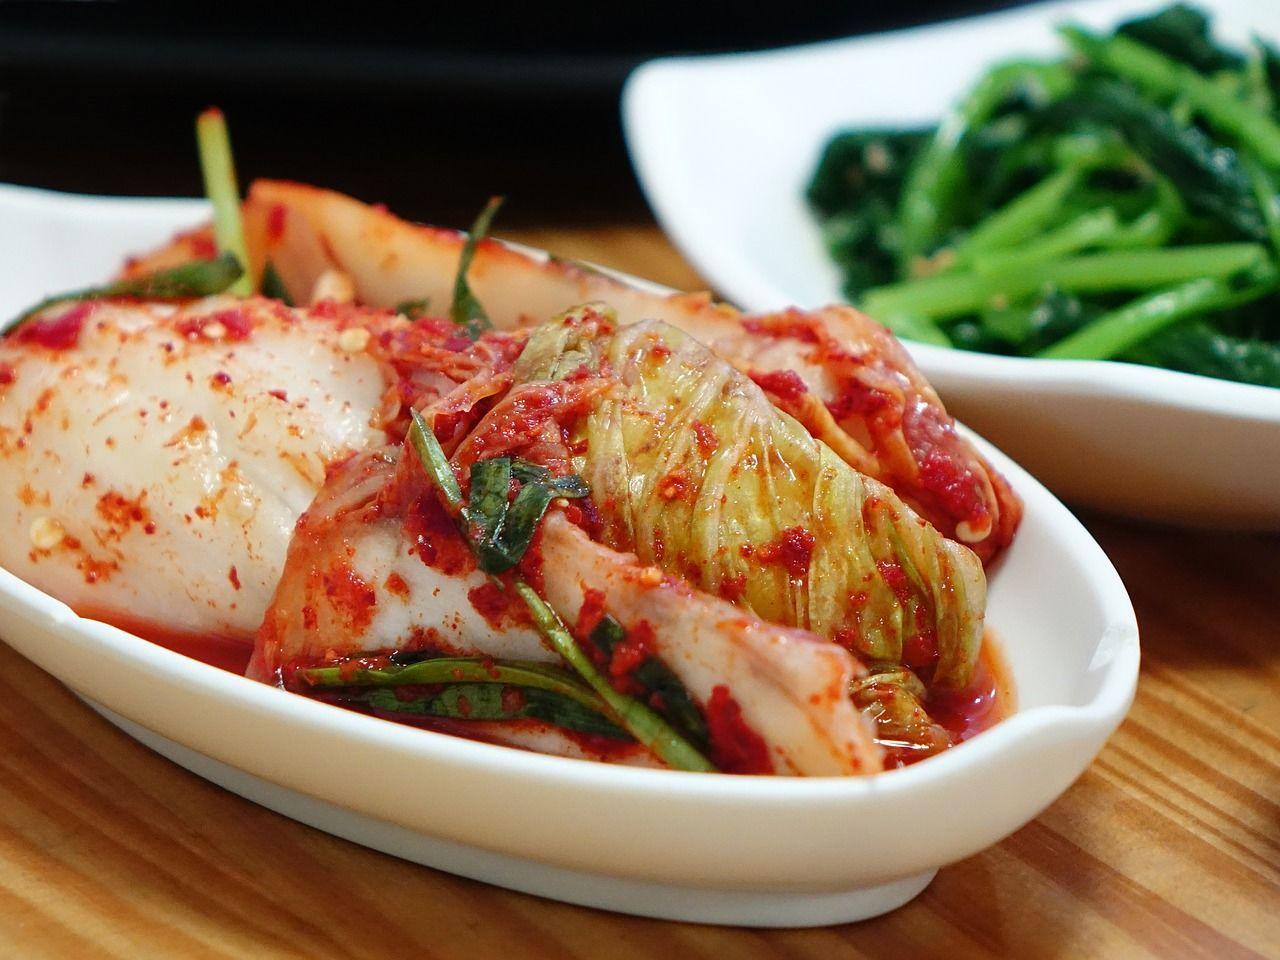 Kimchi Hingga Baby Kale, Ini 11 Superfood yang Tren di Tahun 2020